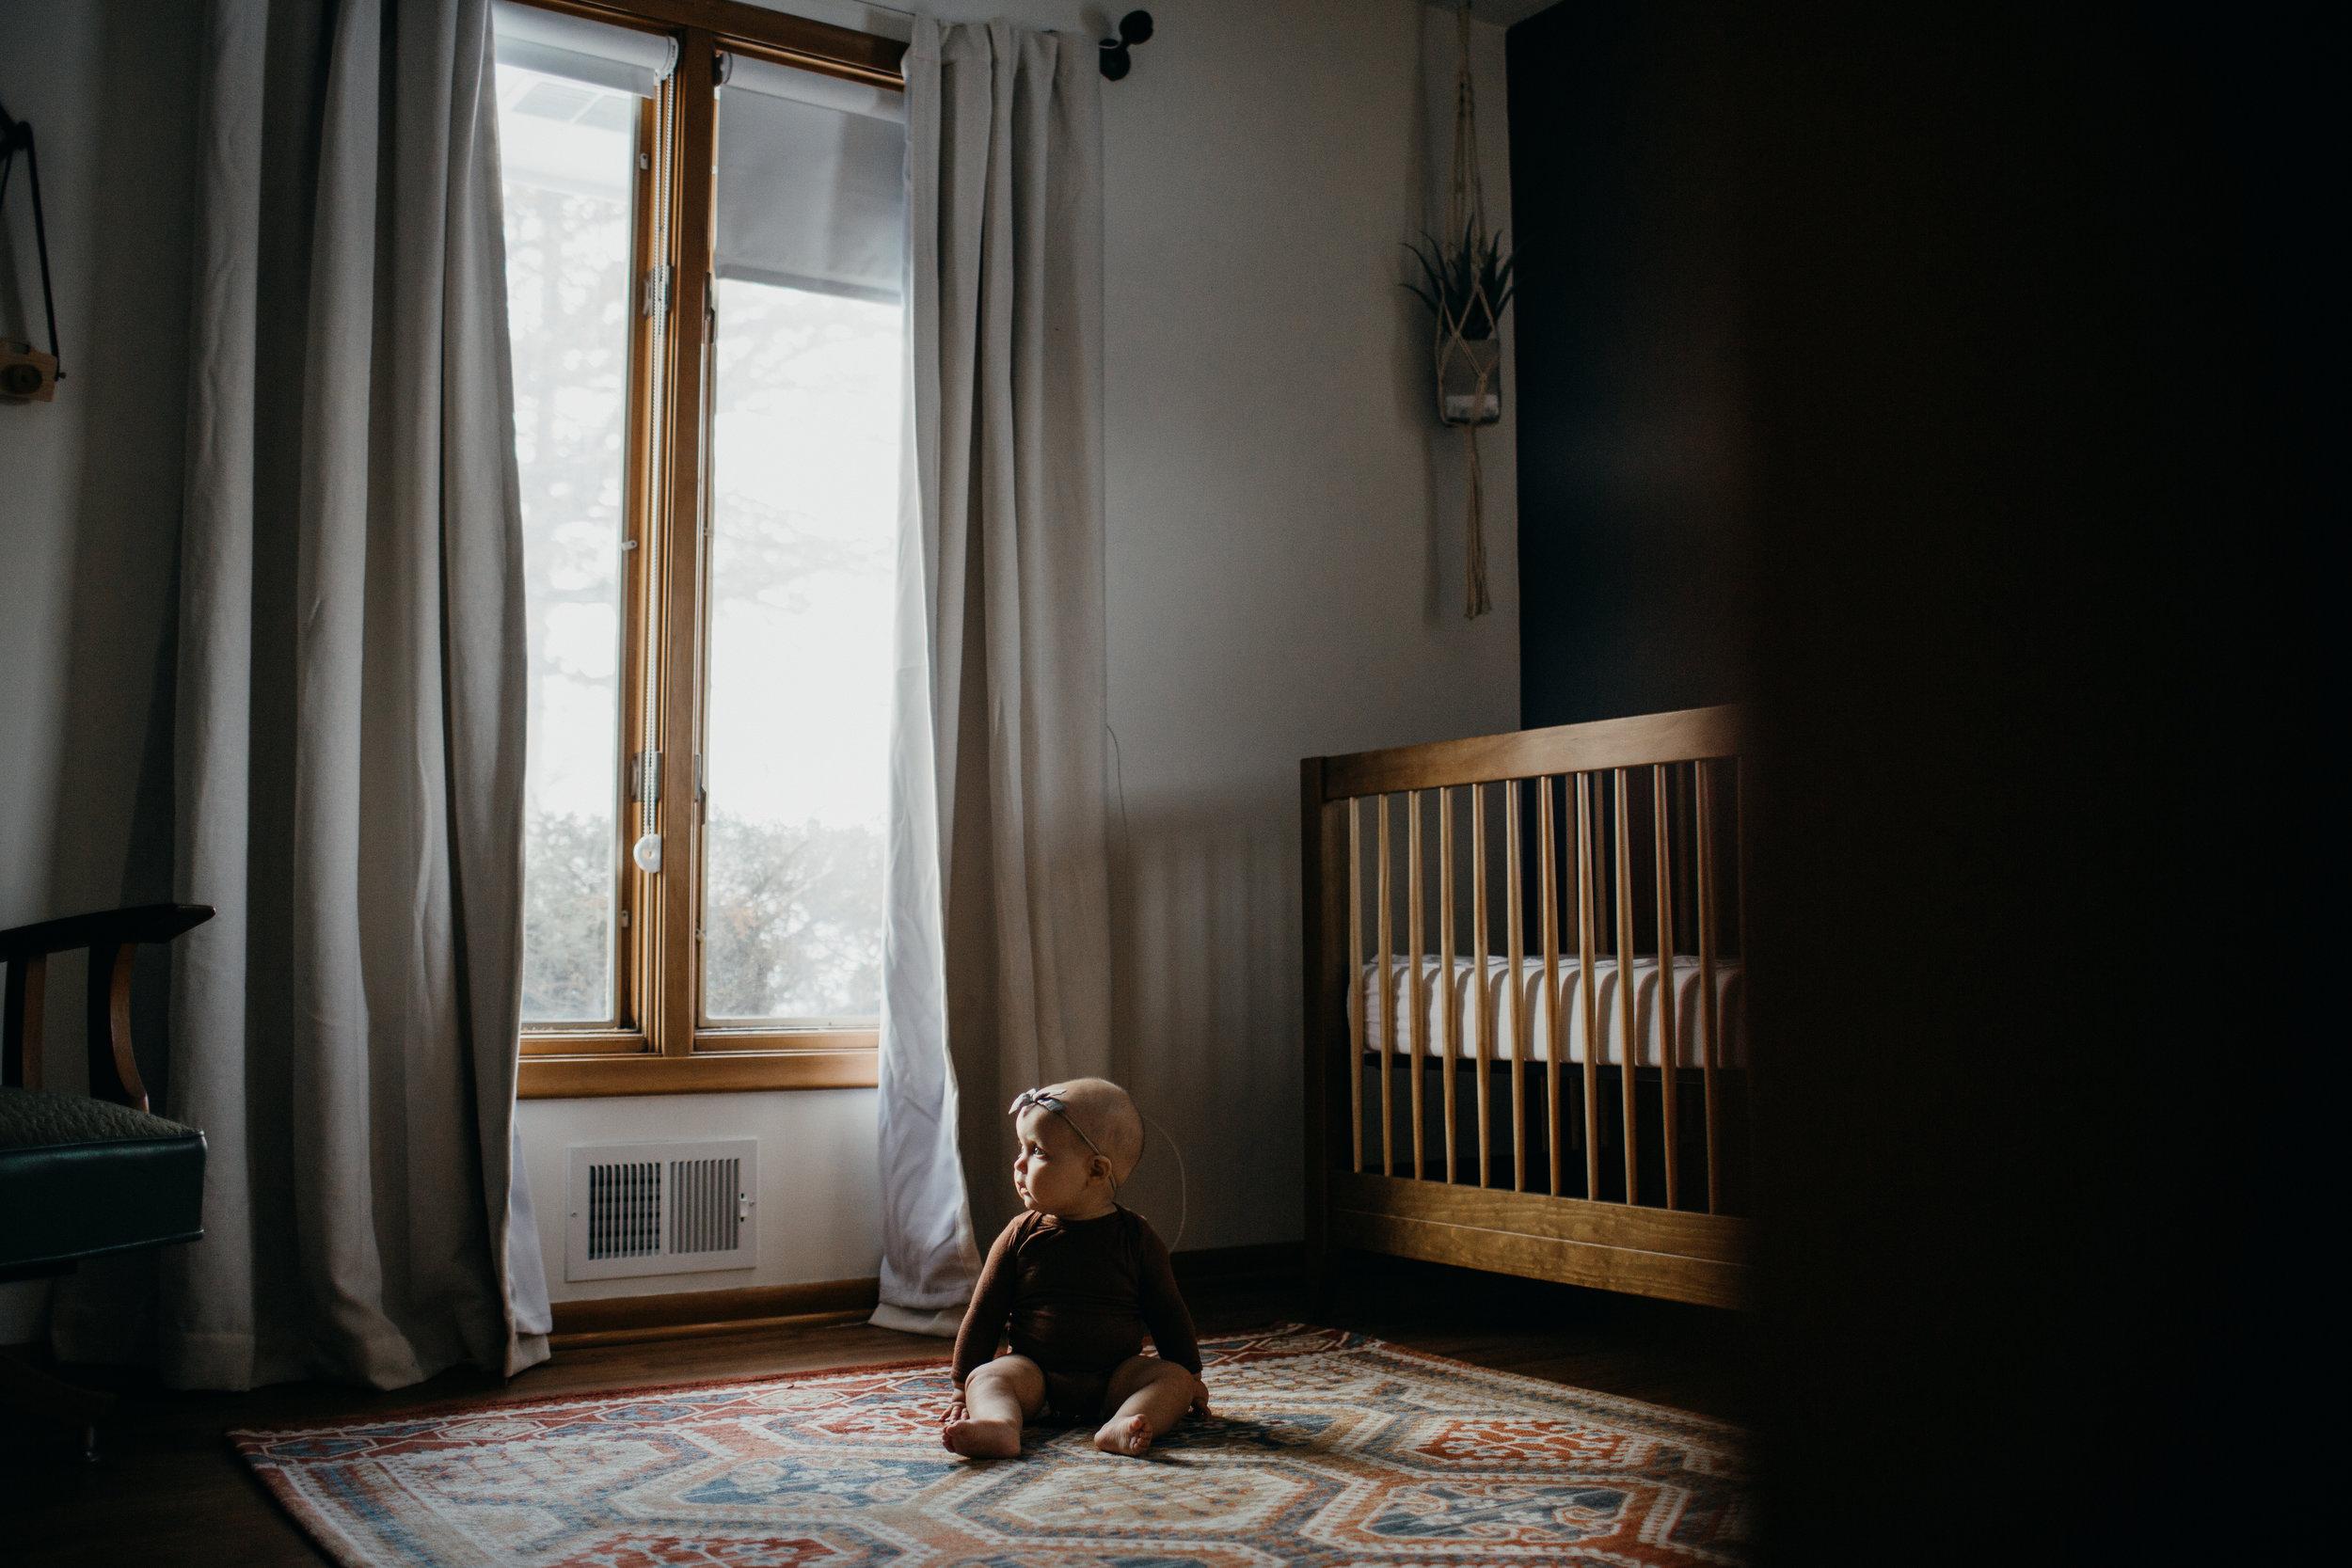 andrie_10months_nursery-11.jpg